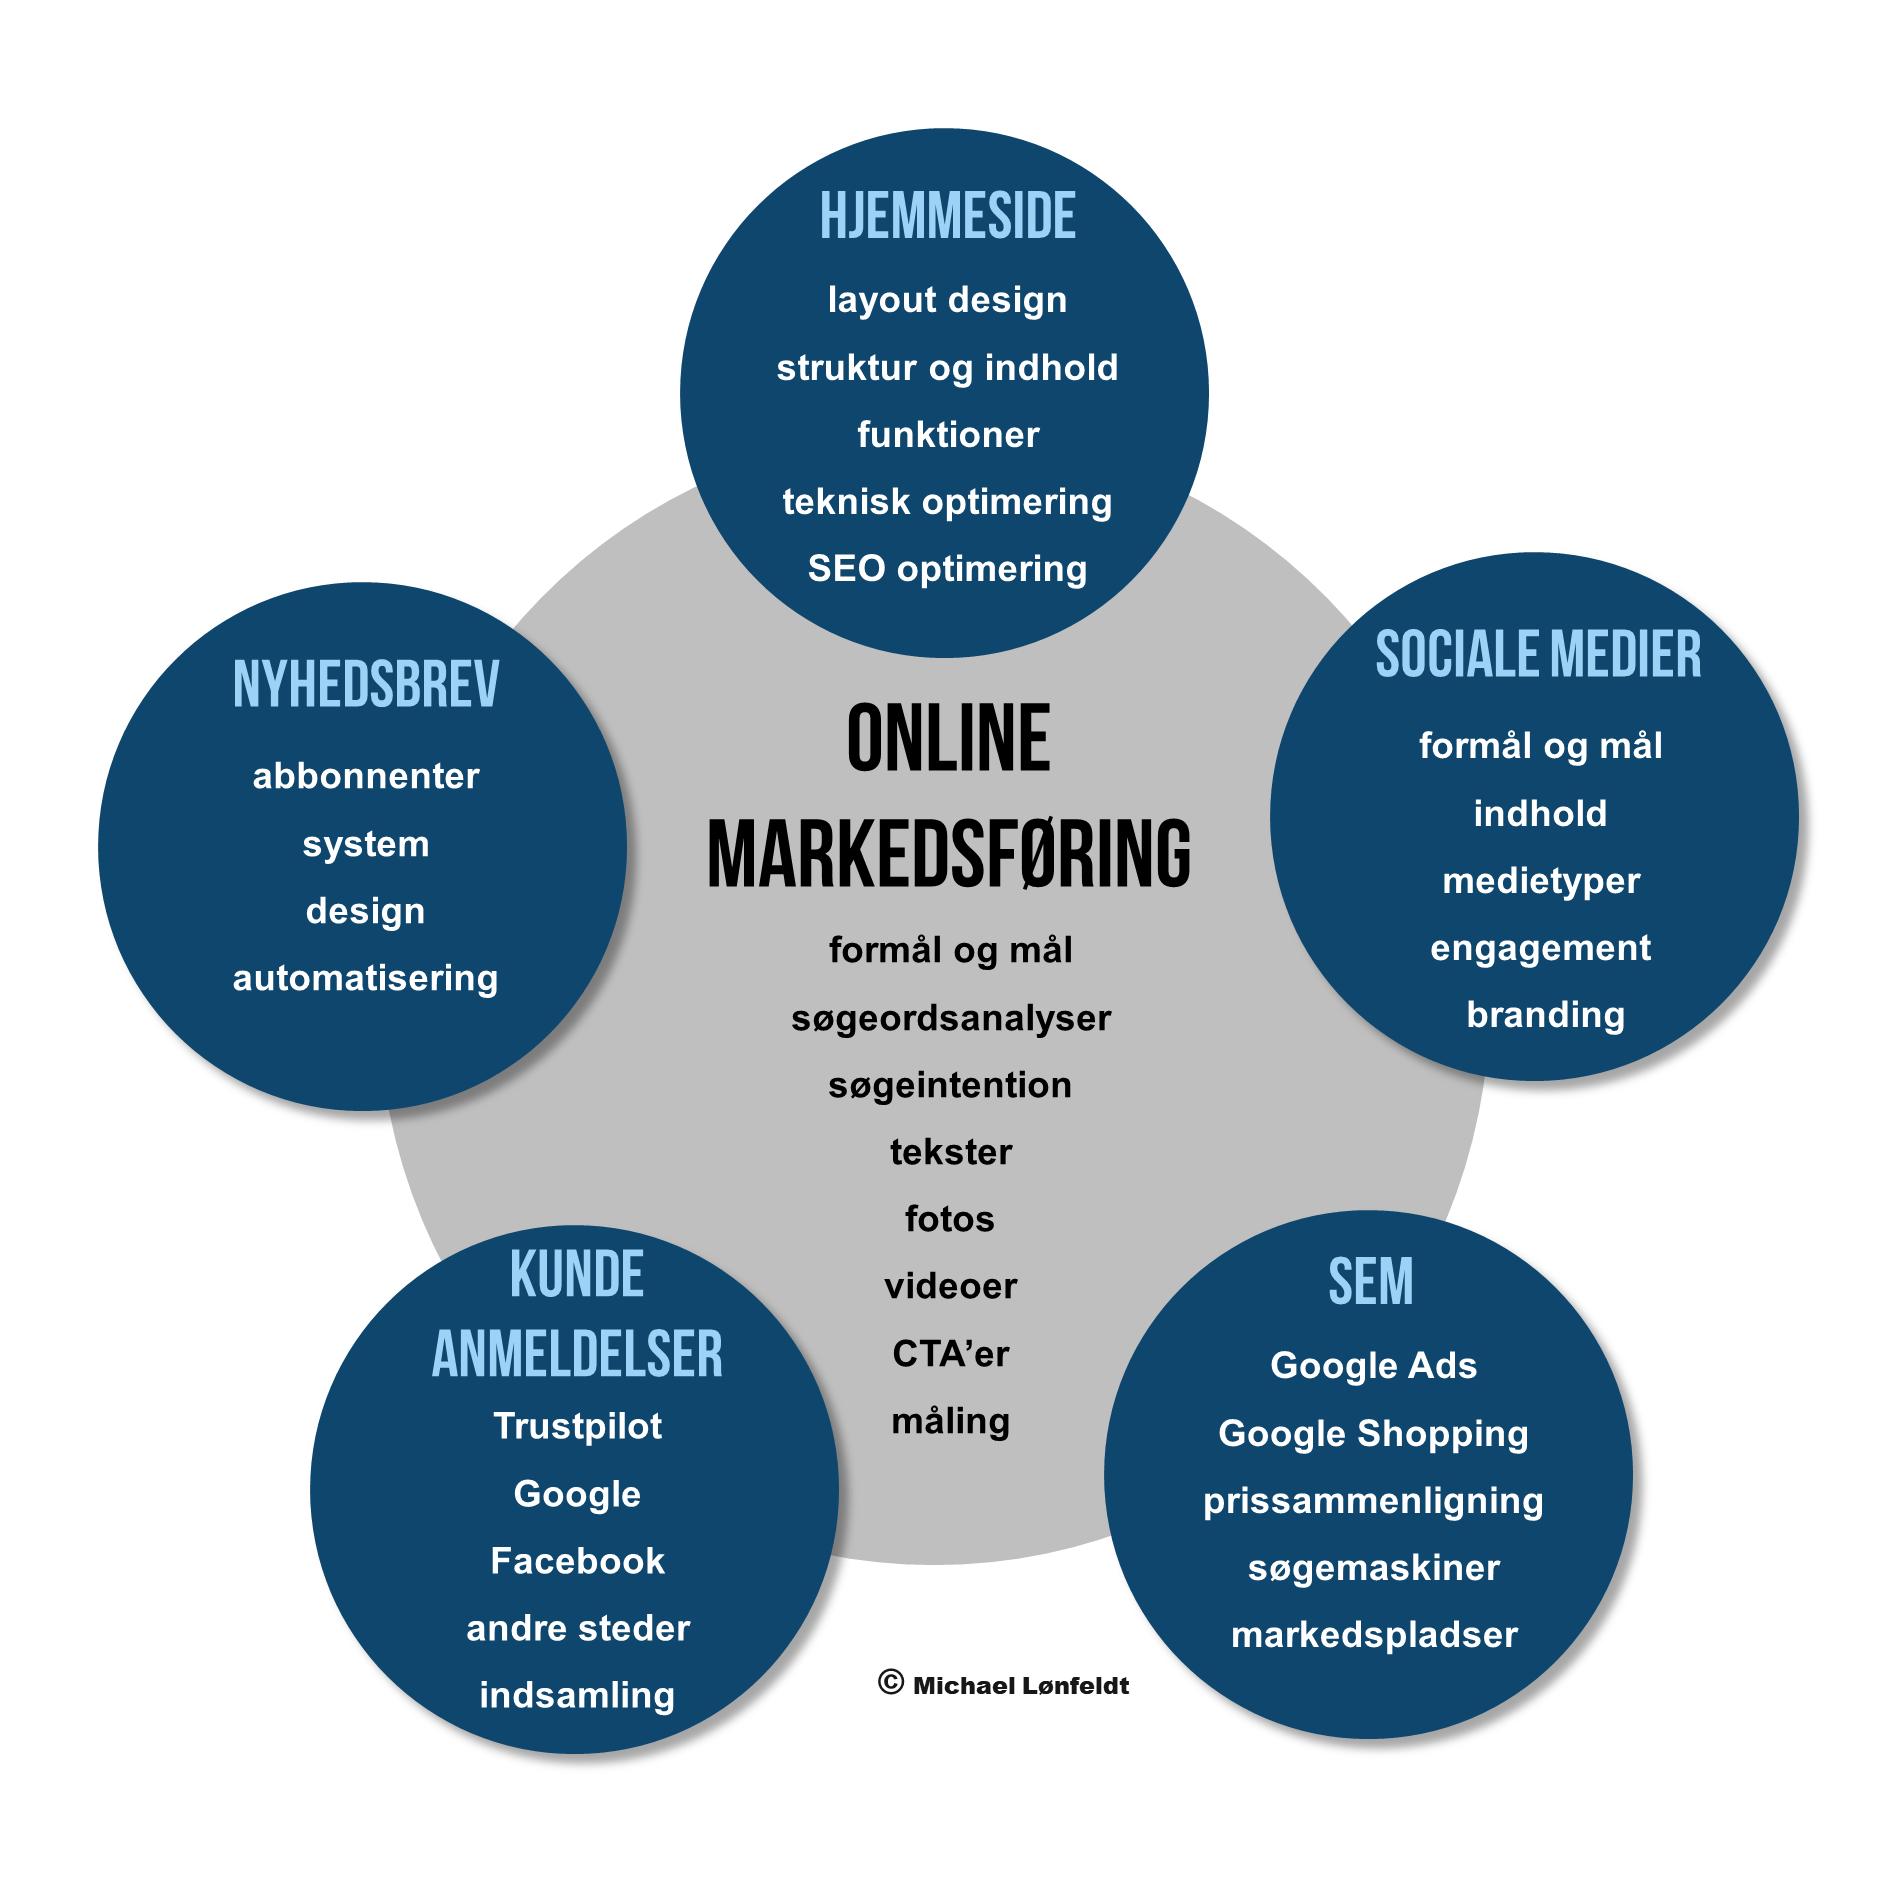 Hvad er online markedsføring